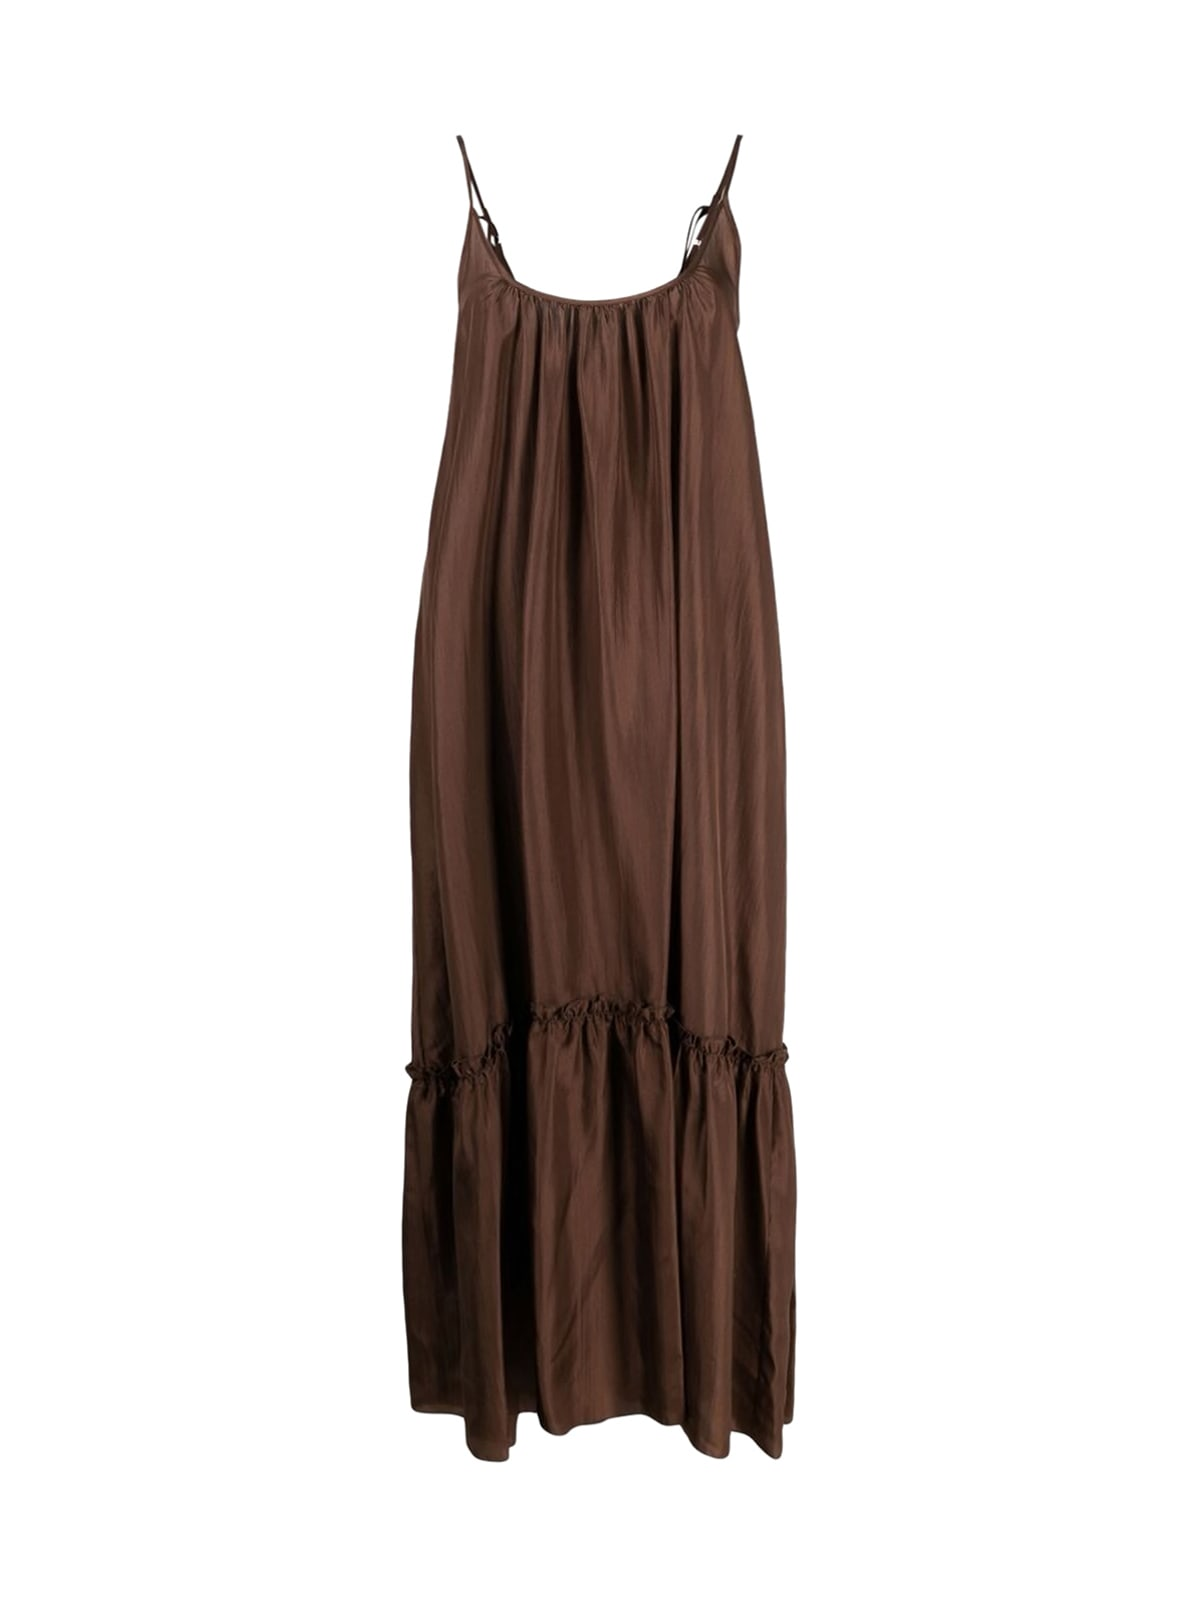 Parosh Shatay Dress